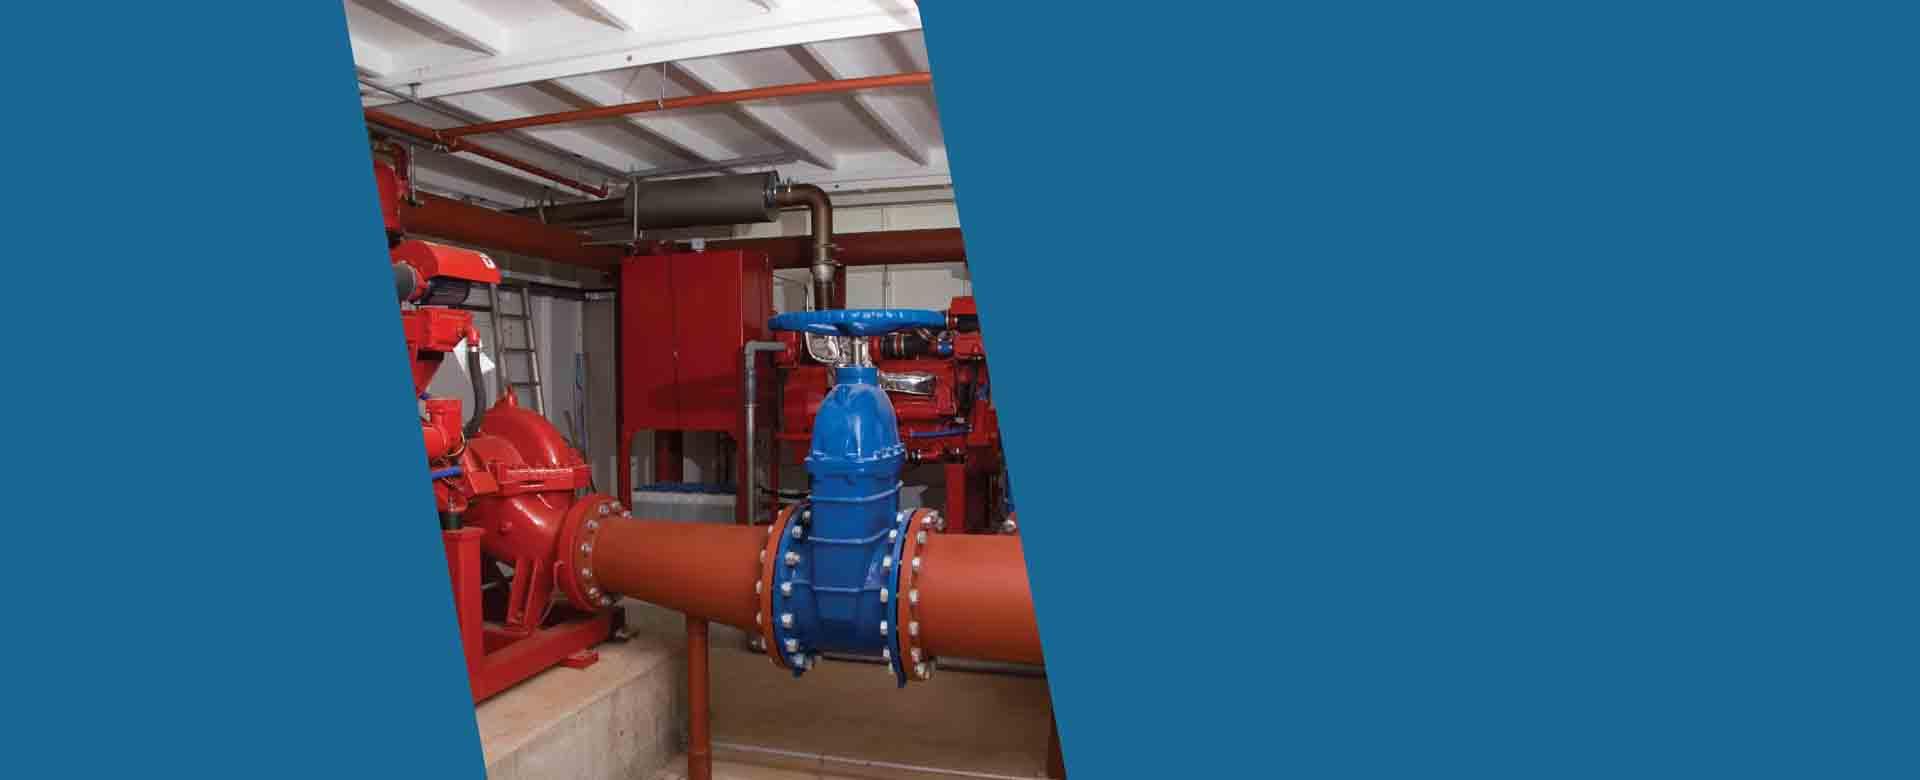 מערכות לחץ מים בבניין